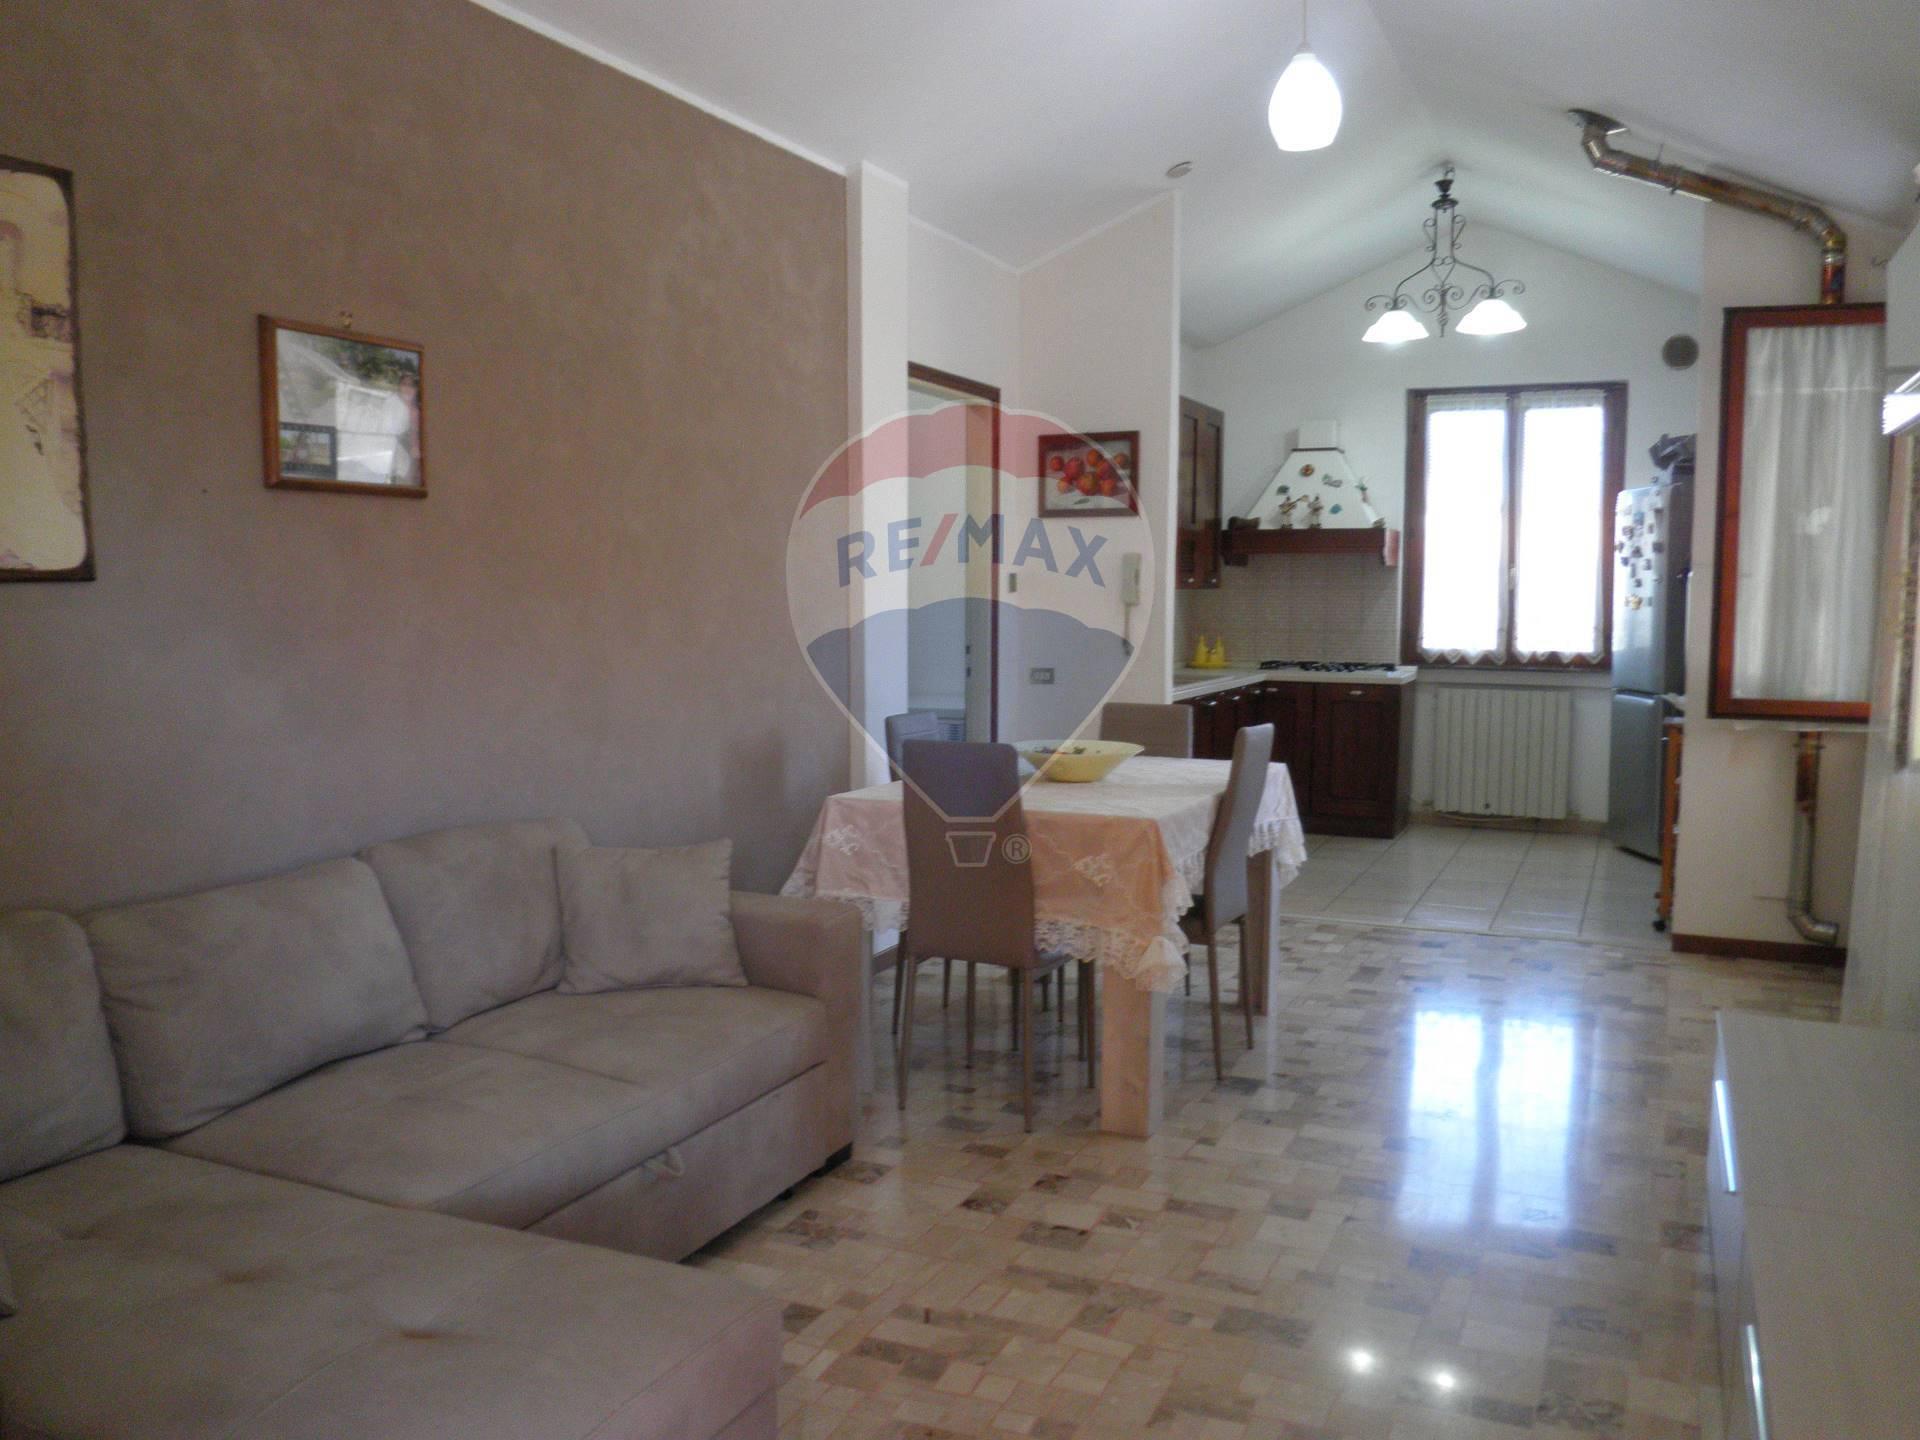 Vendita Quadrilocale Appartamento Castiglione Olona 233267